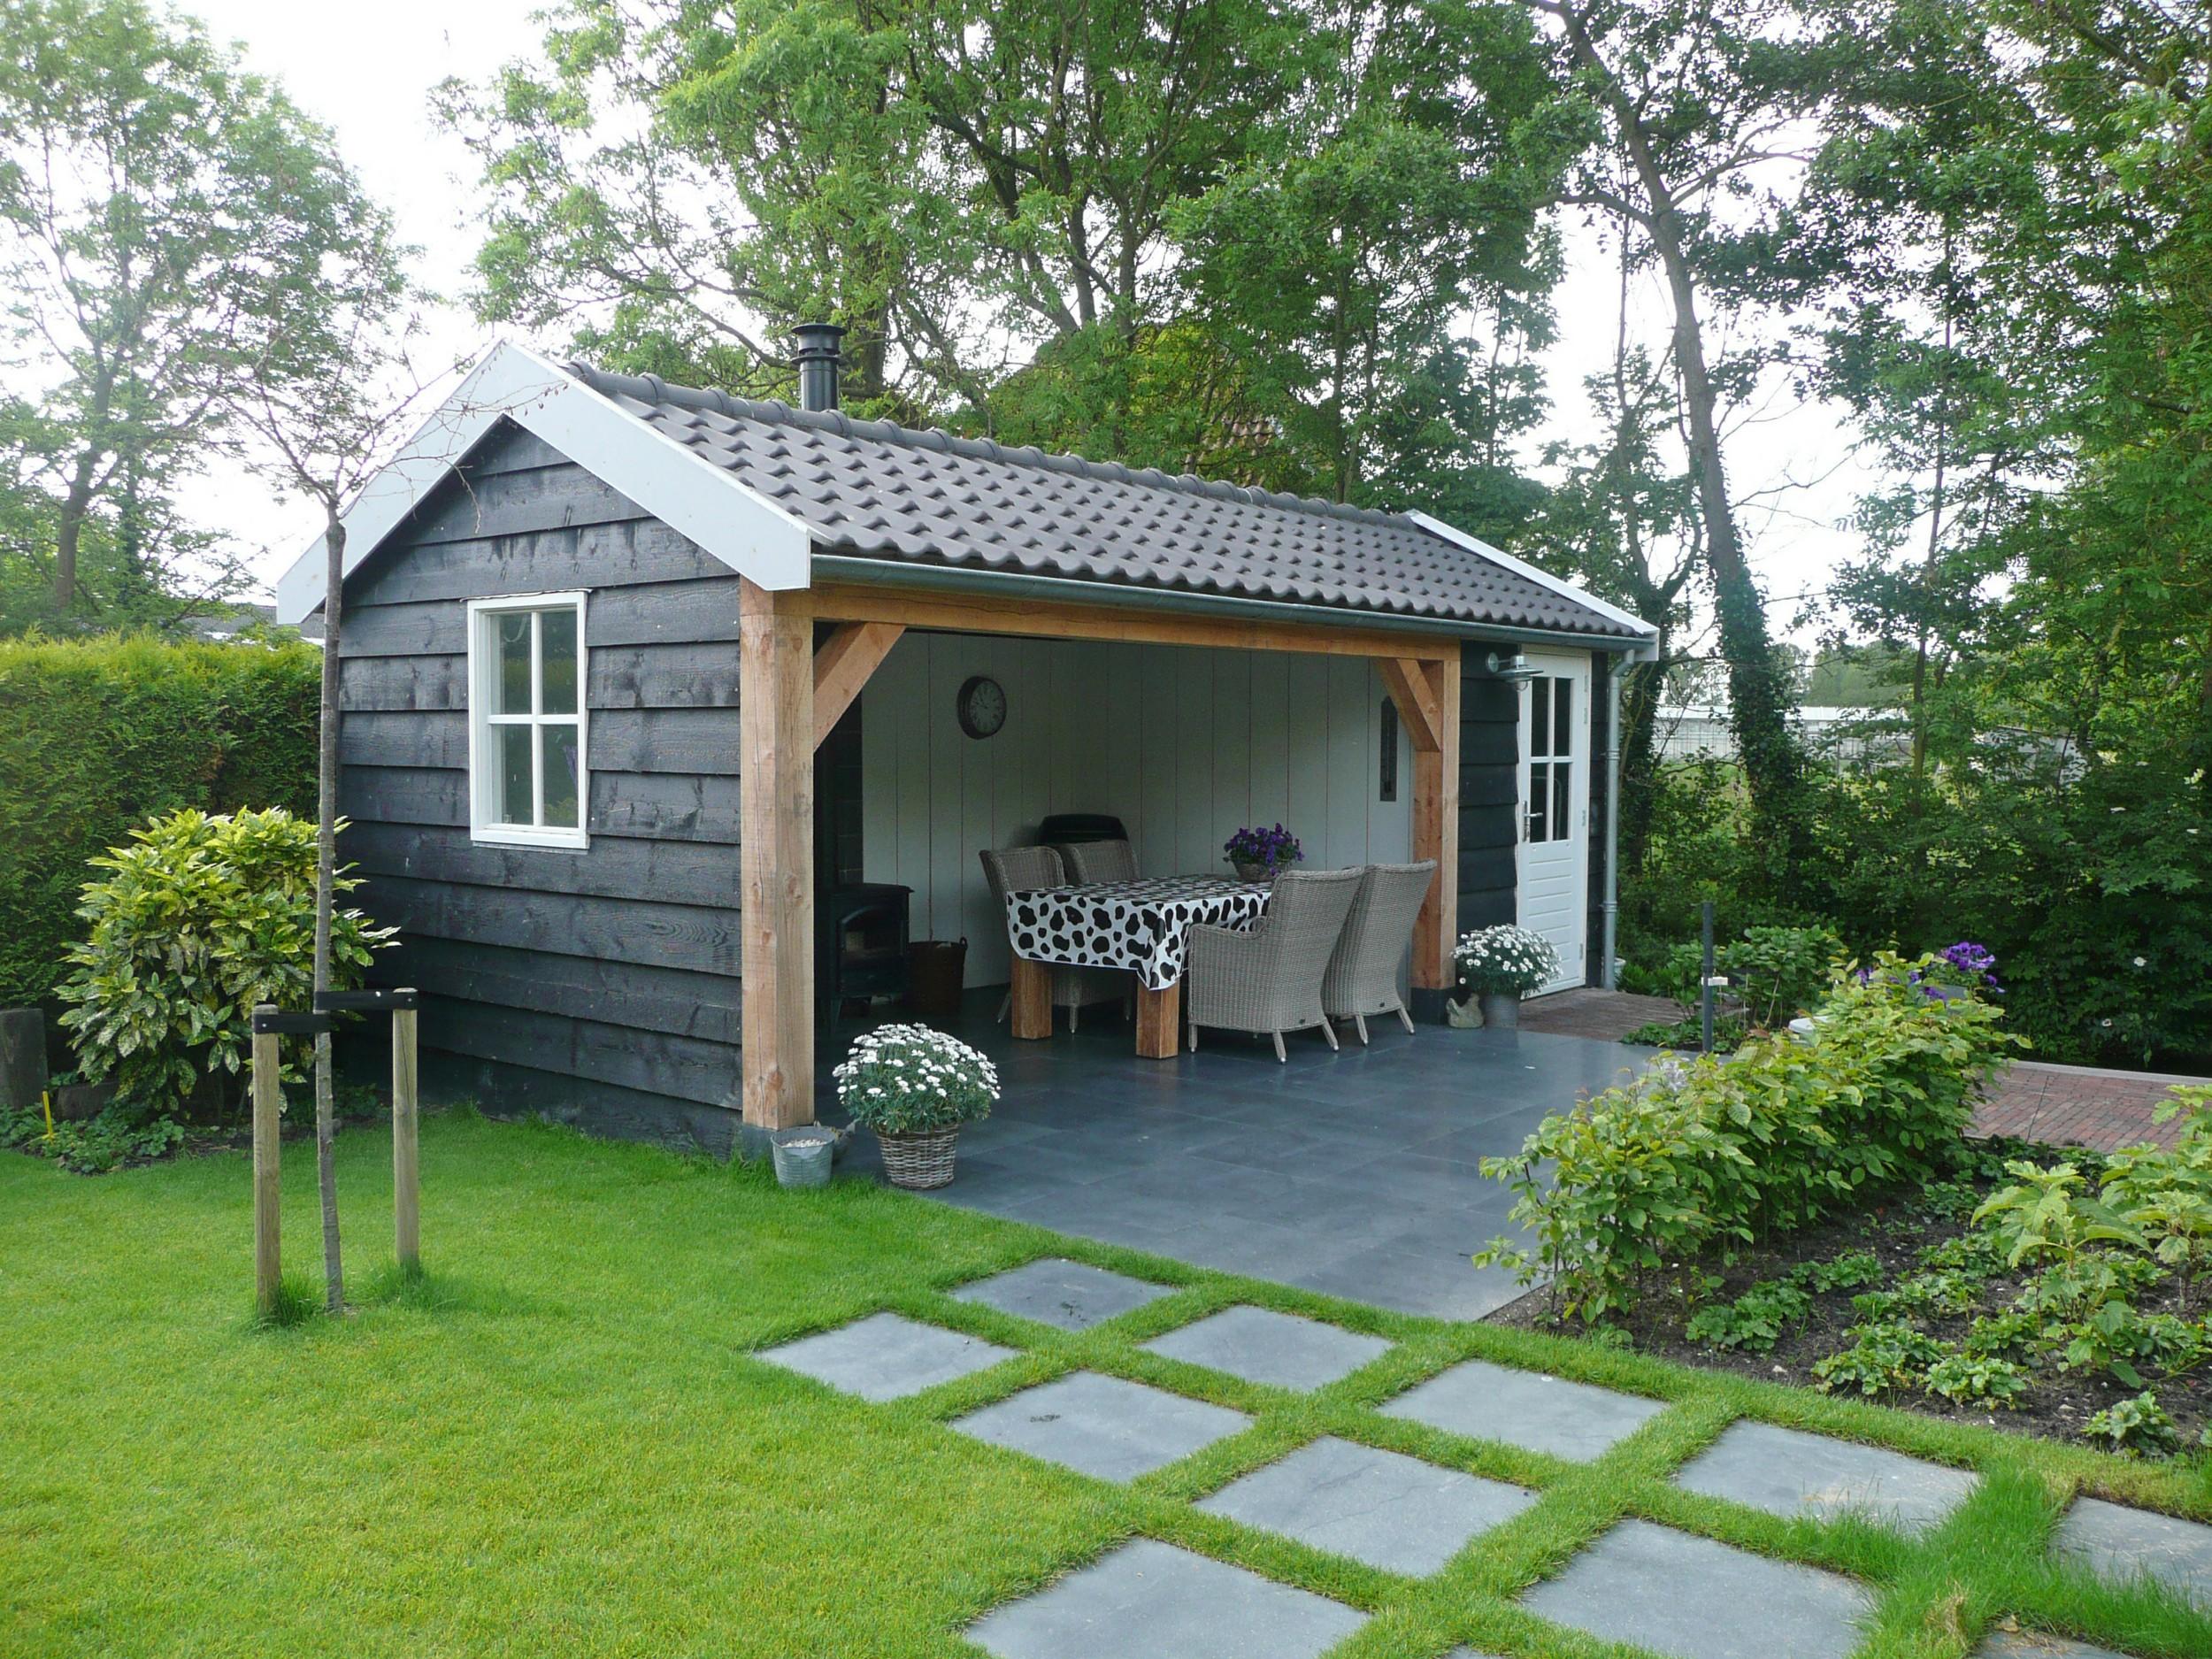 tuingebouw-in-particuliere-tuin